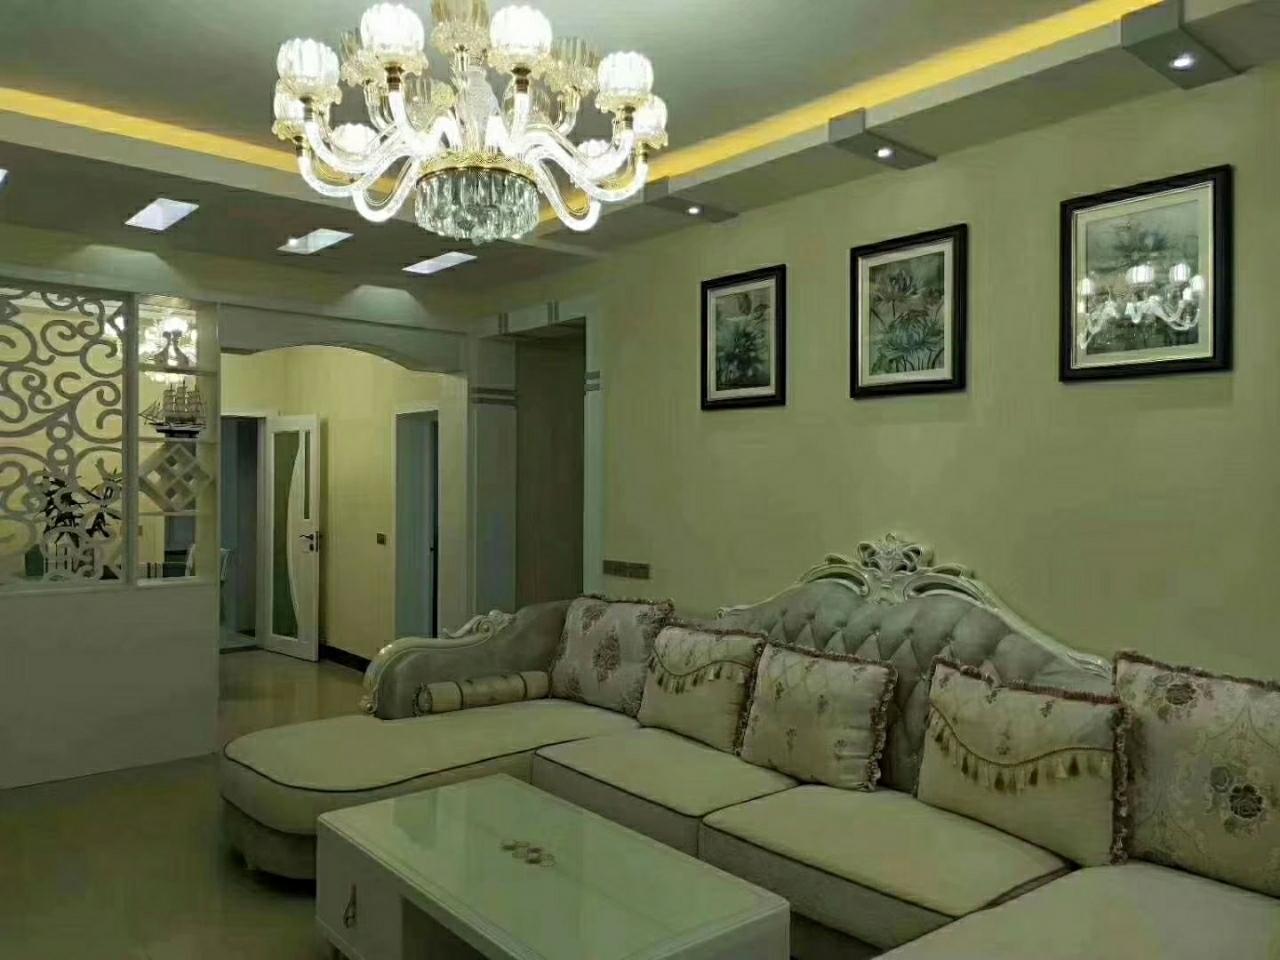 万泰花园3室 2厅 2卫66.8万元